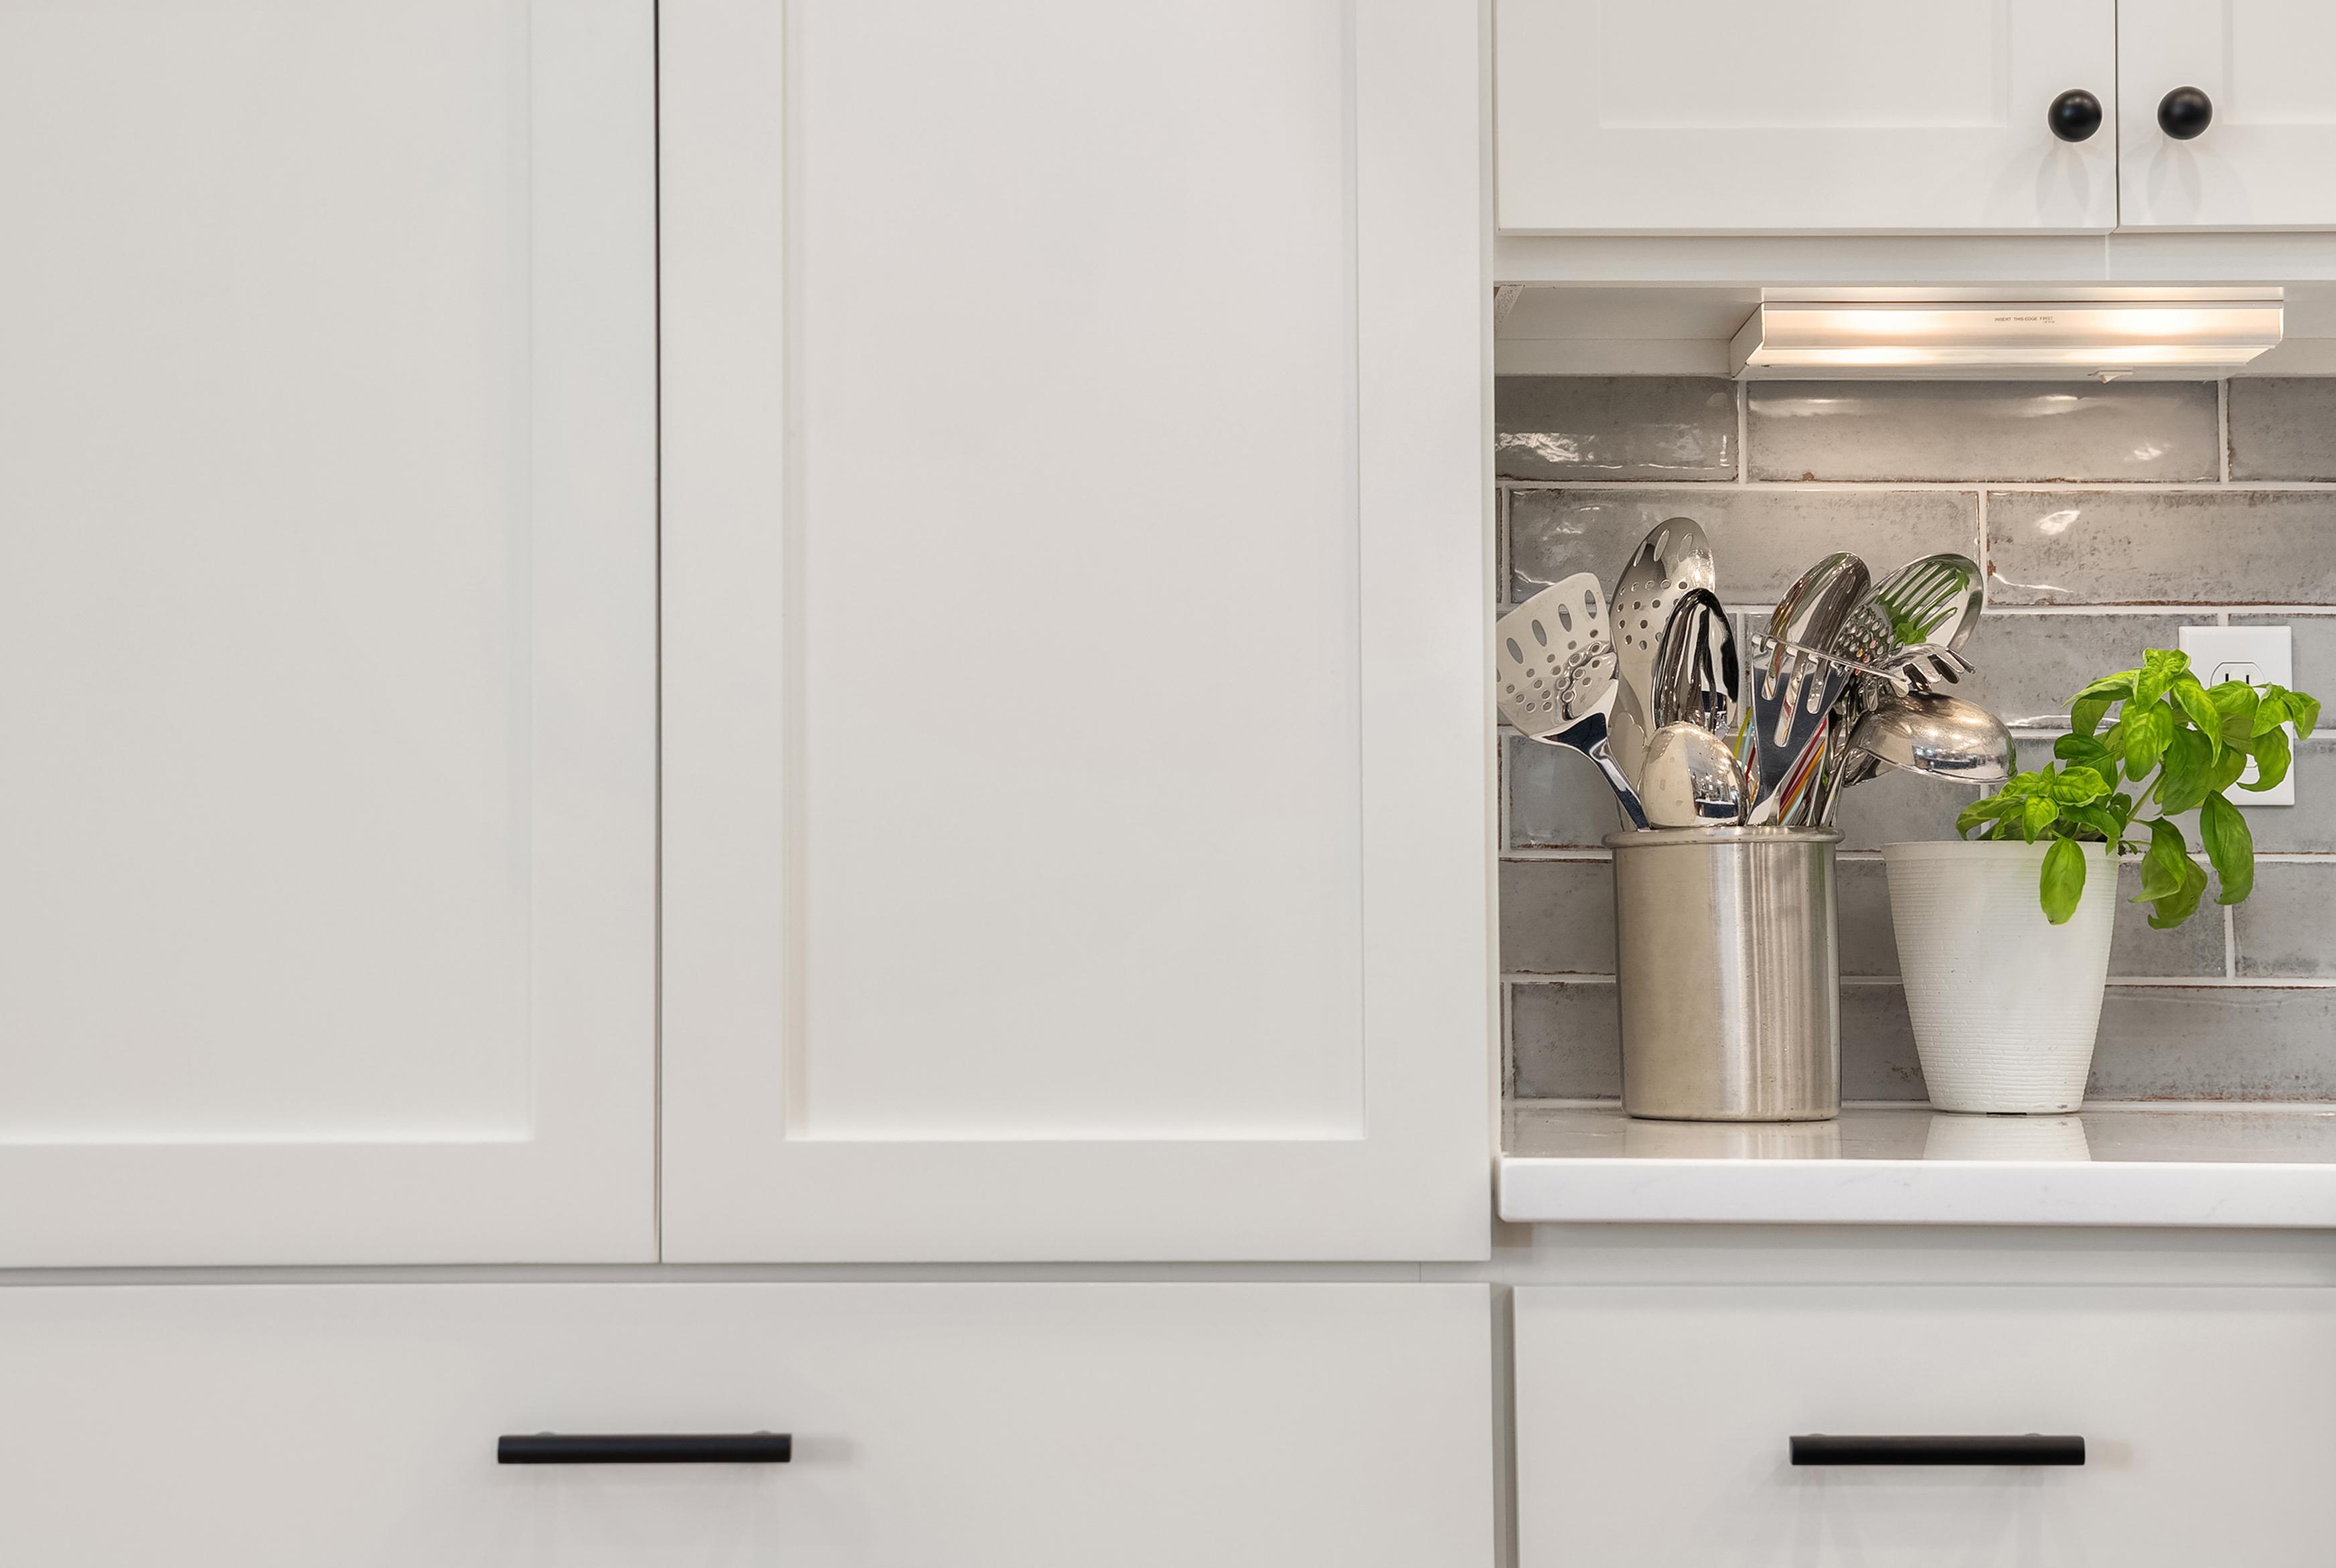 Seattle kitchen remodel interior design.